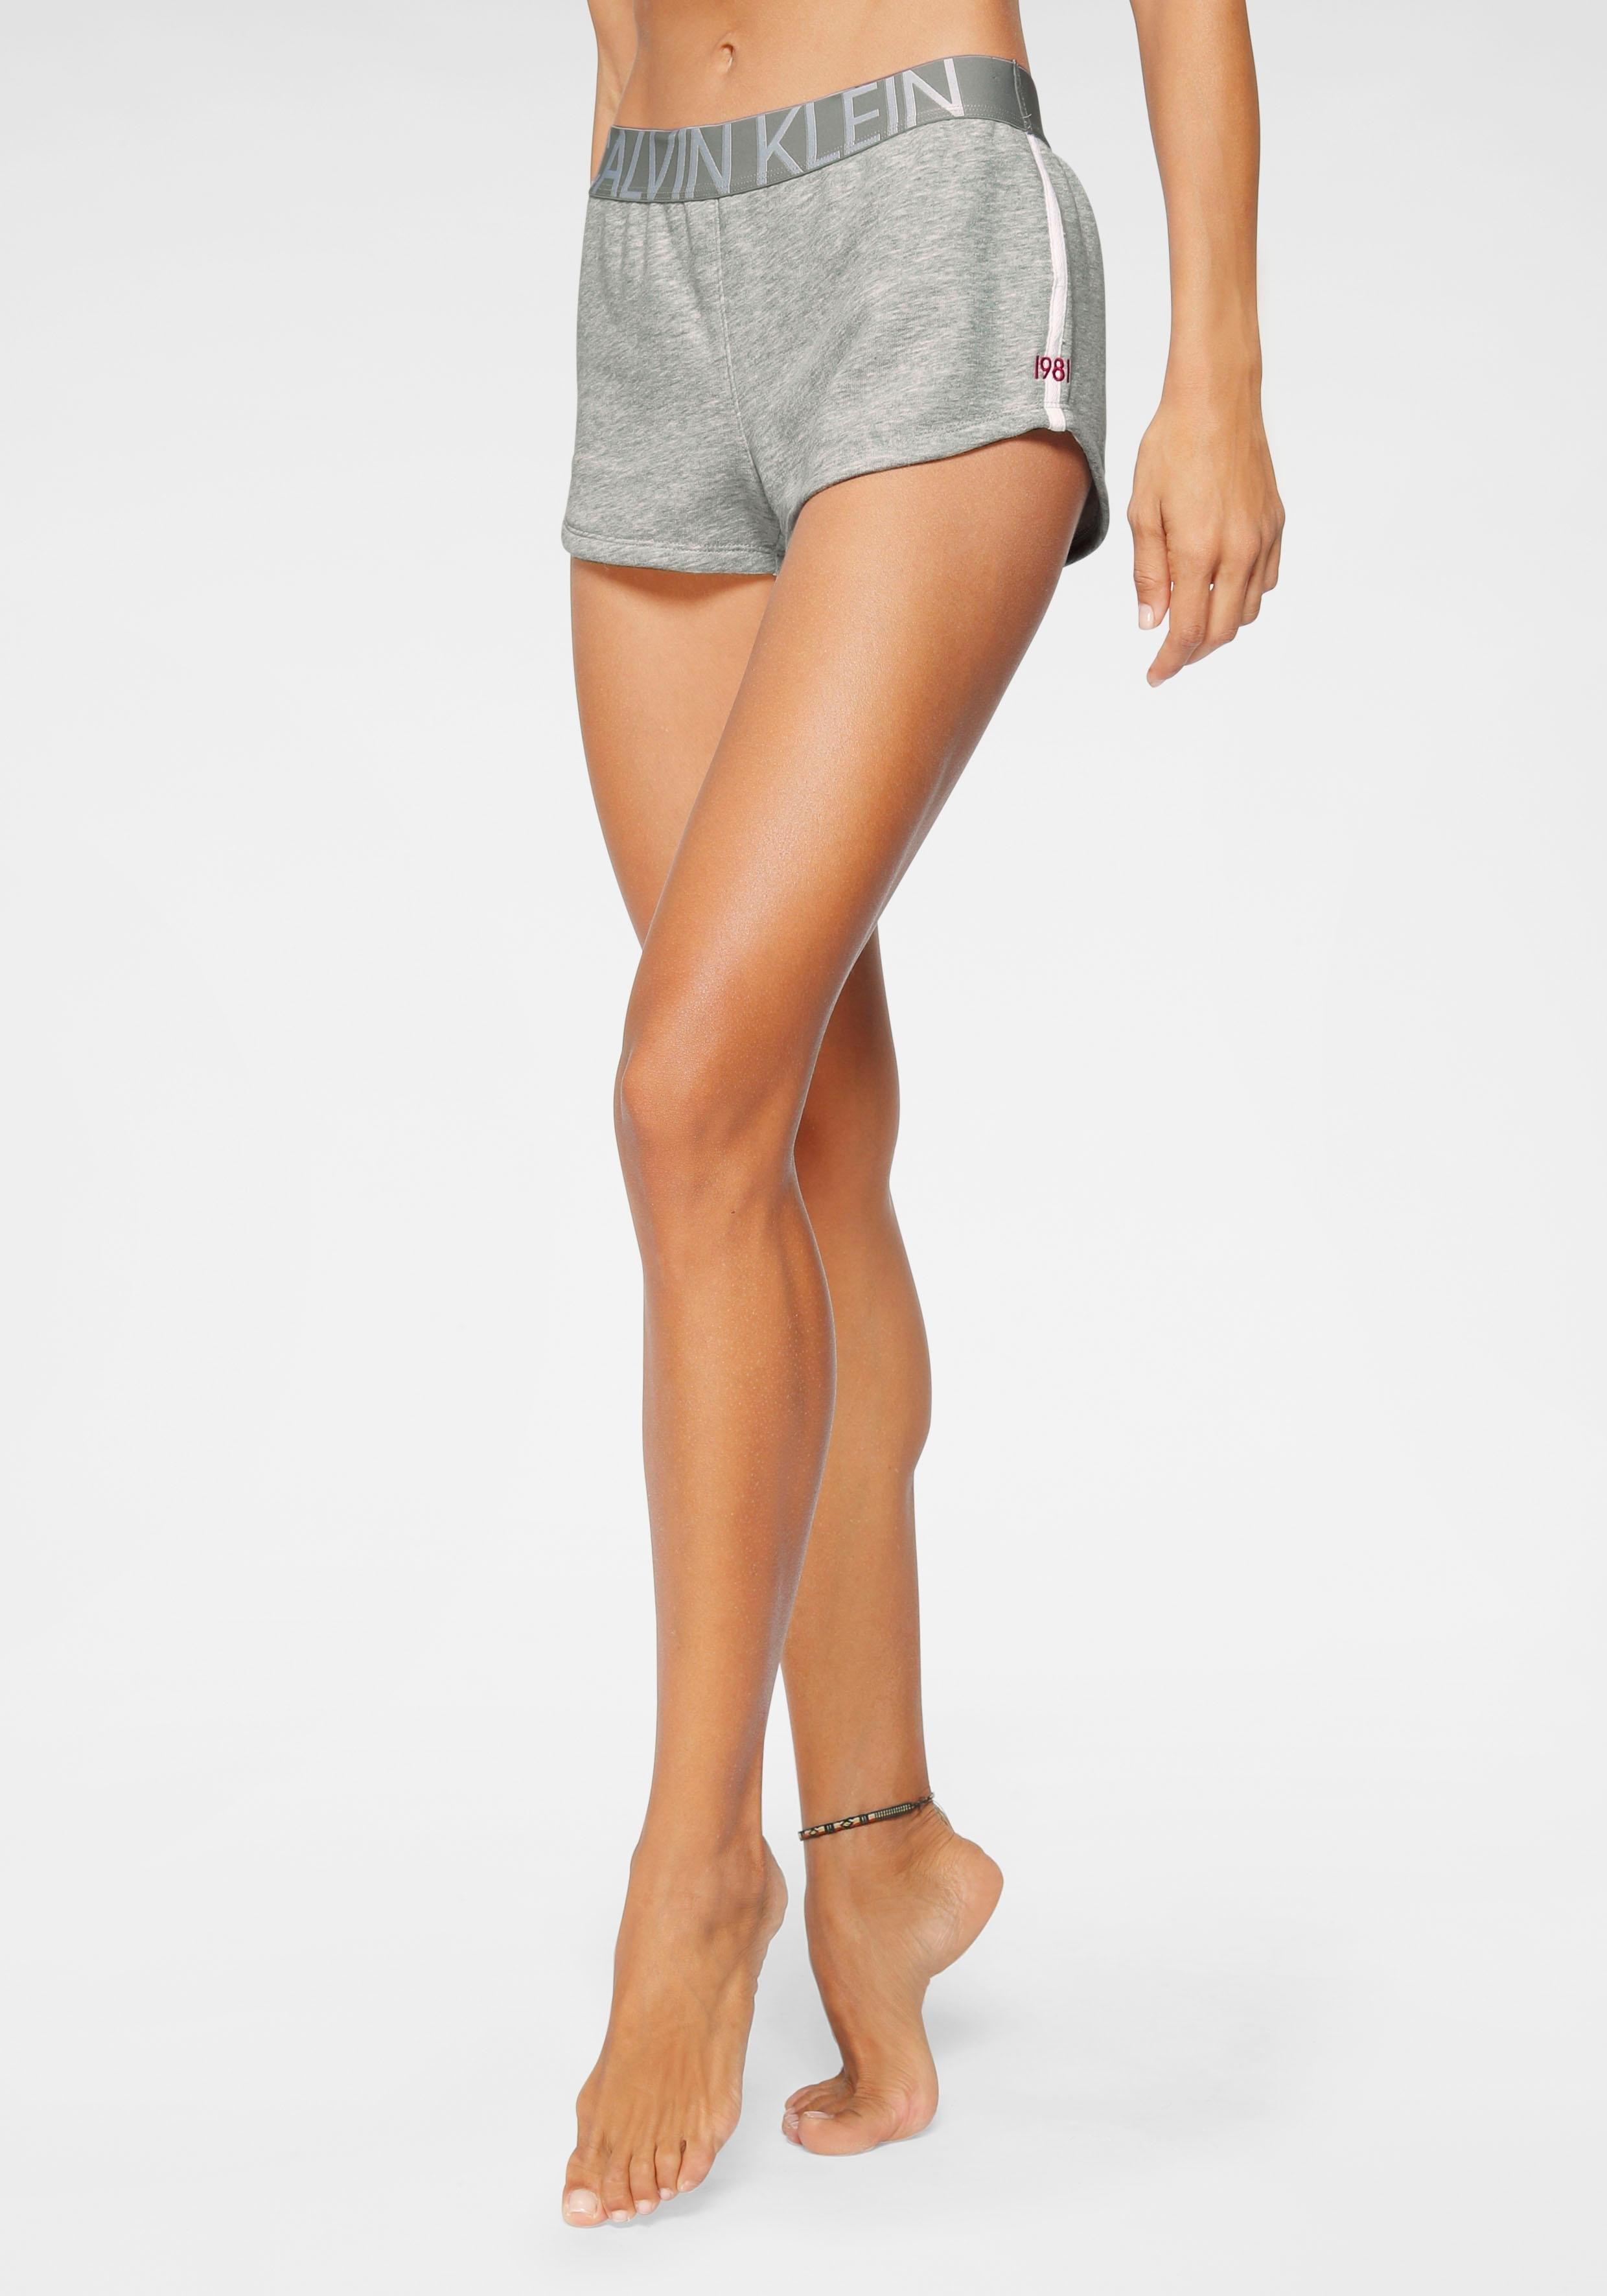 Calvin Klein pyjamashort bestellen: 30 dagen bedenktijd